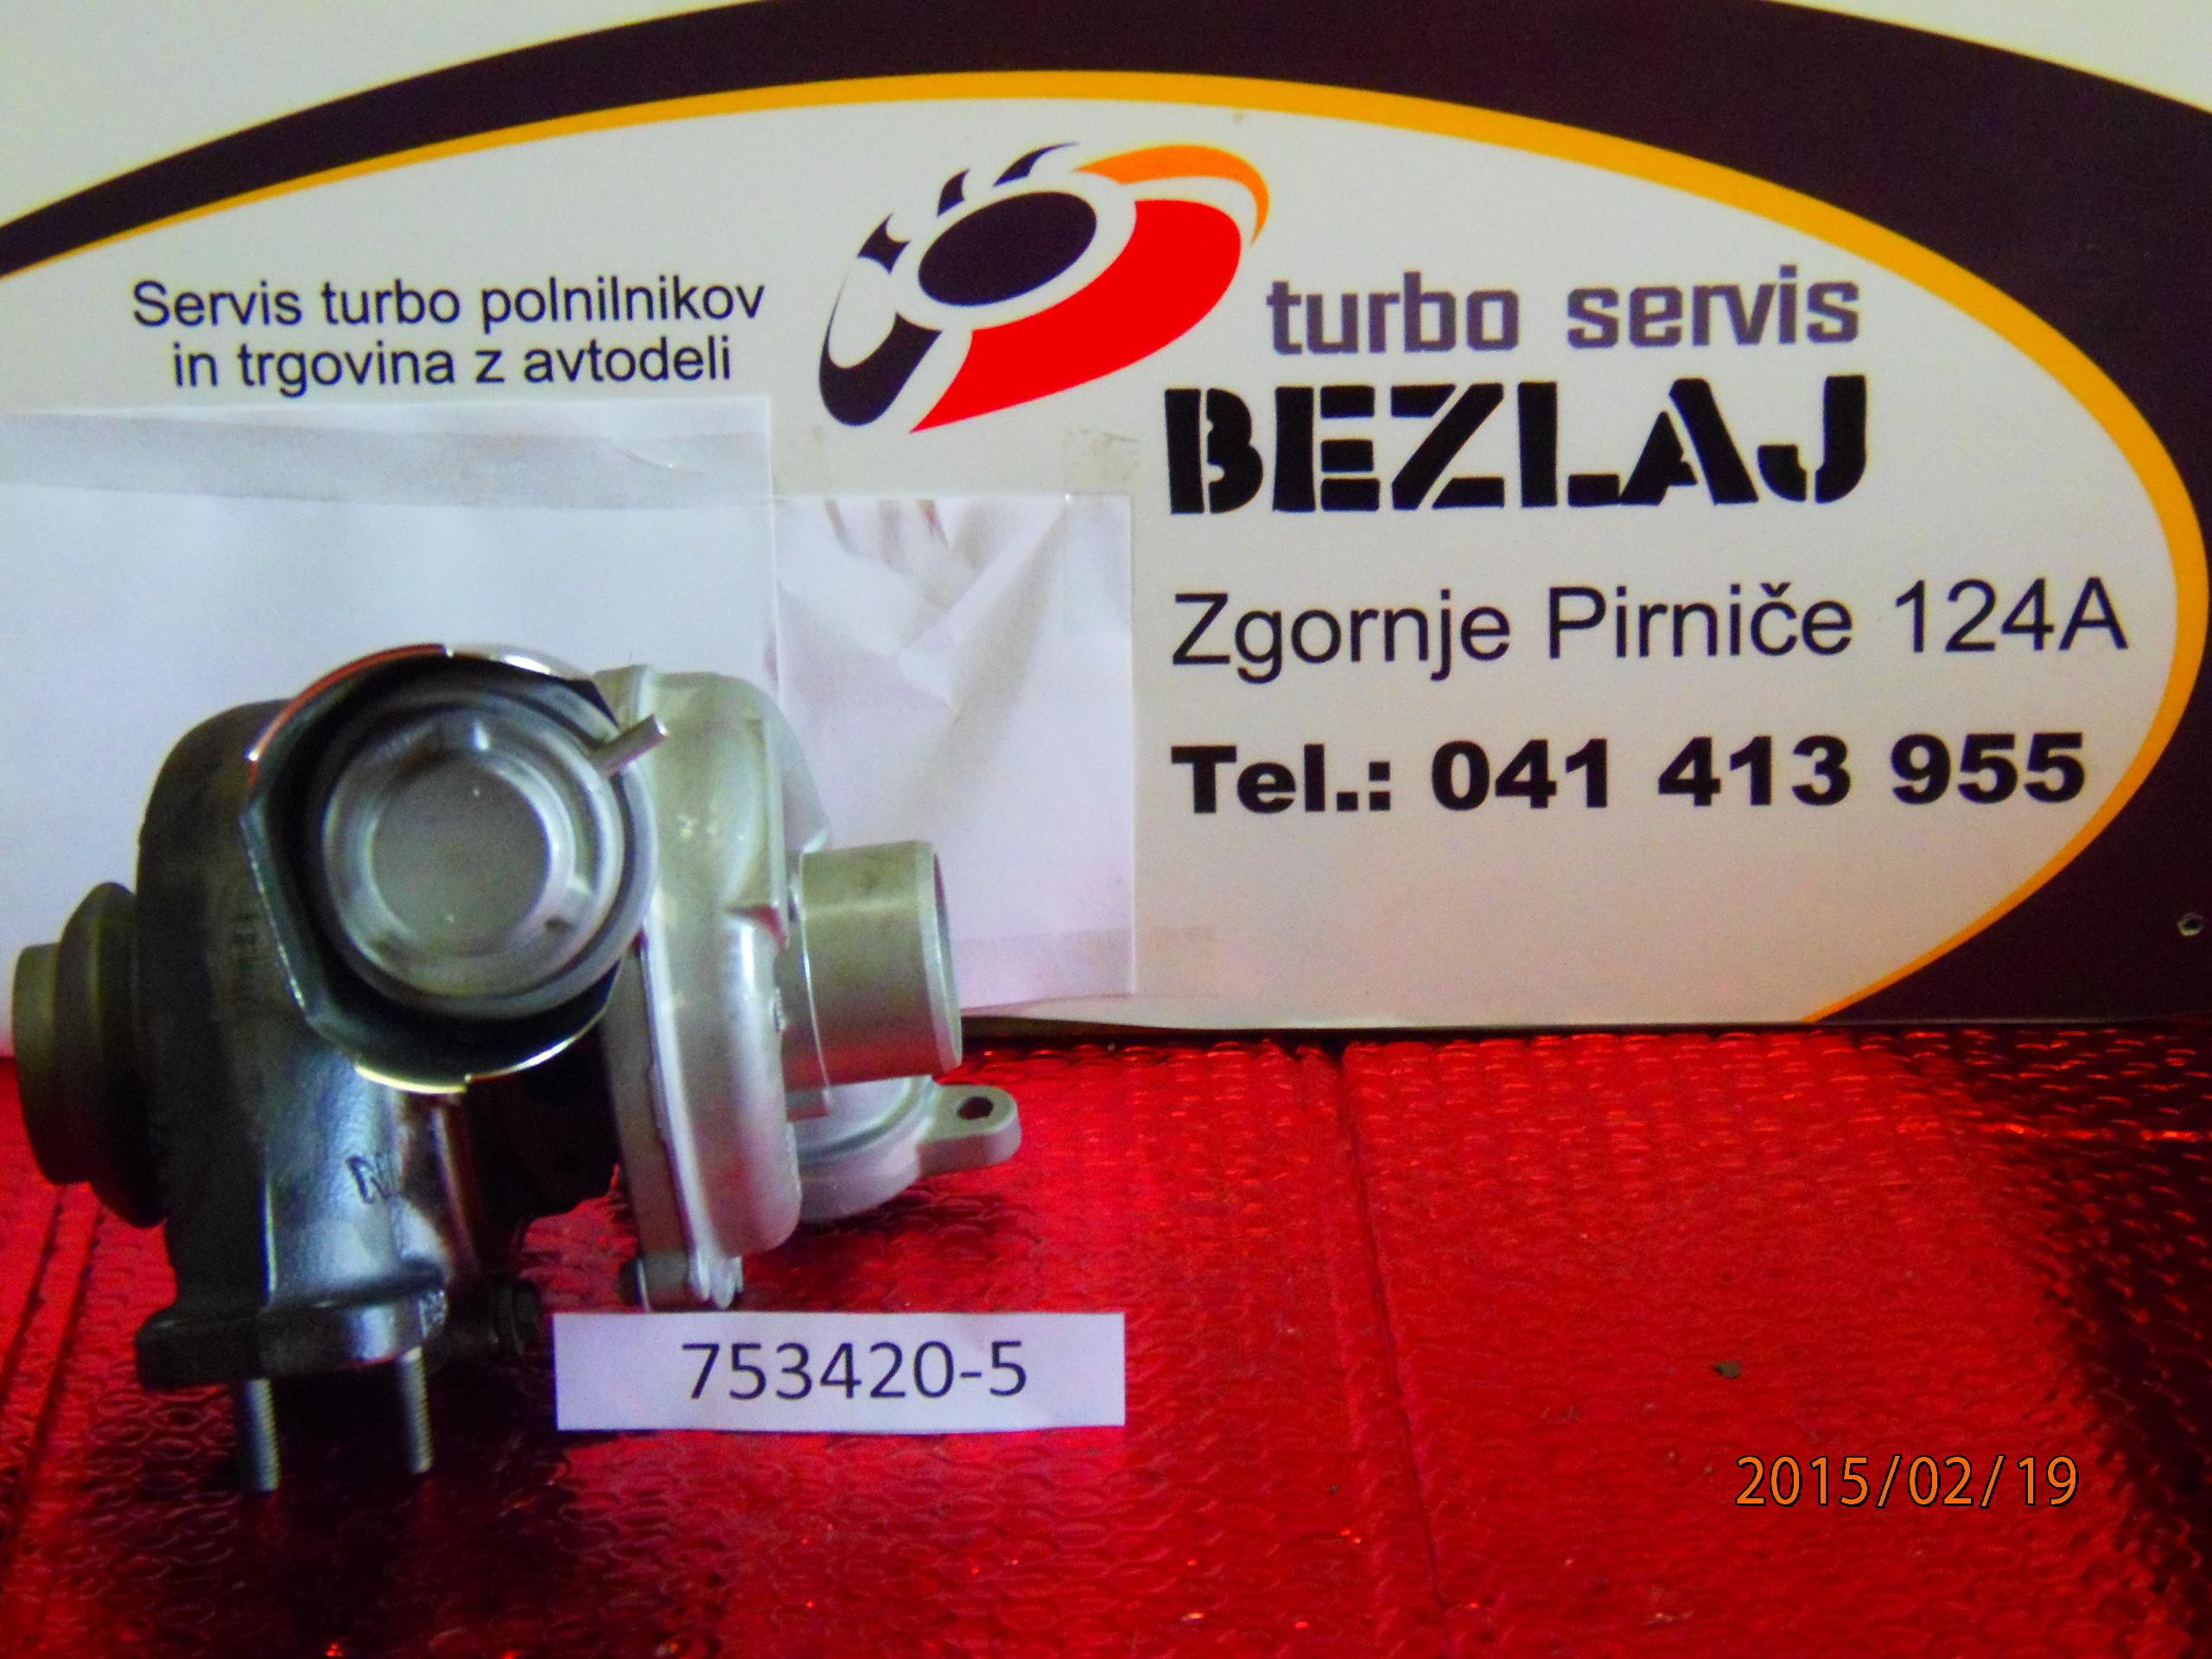 turbo753420-5 (2)